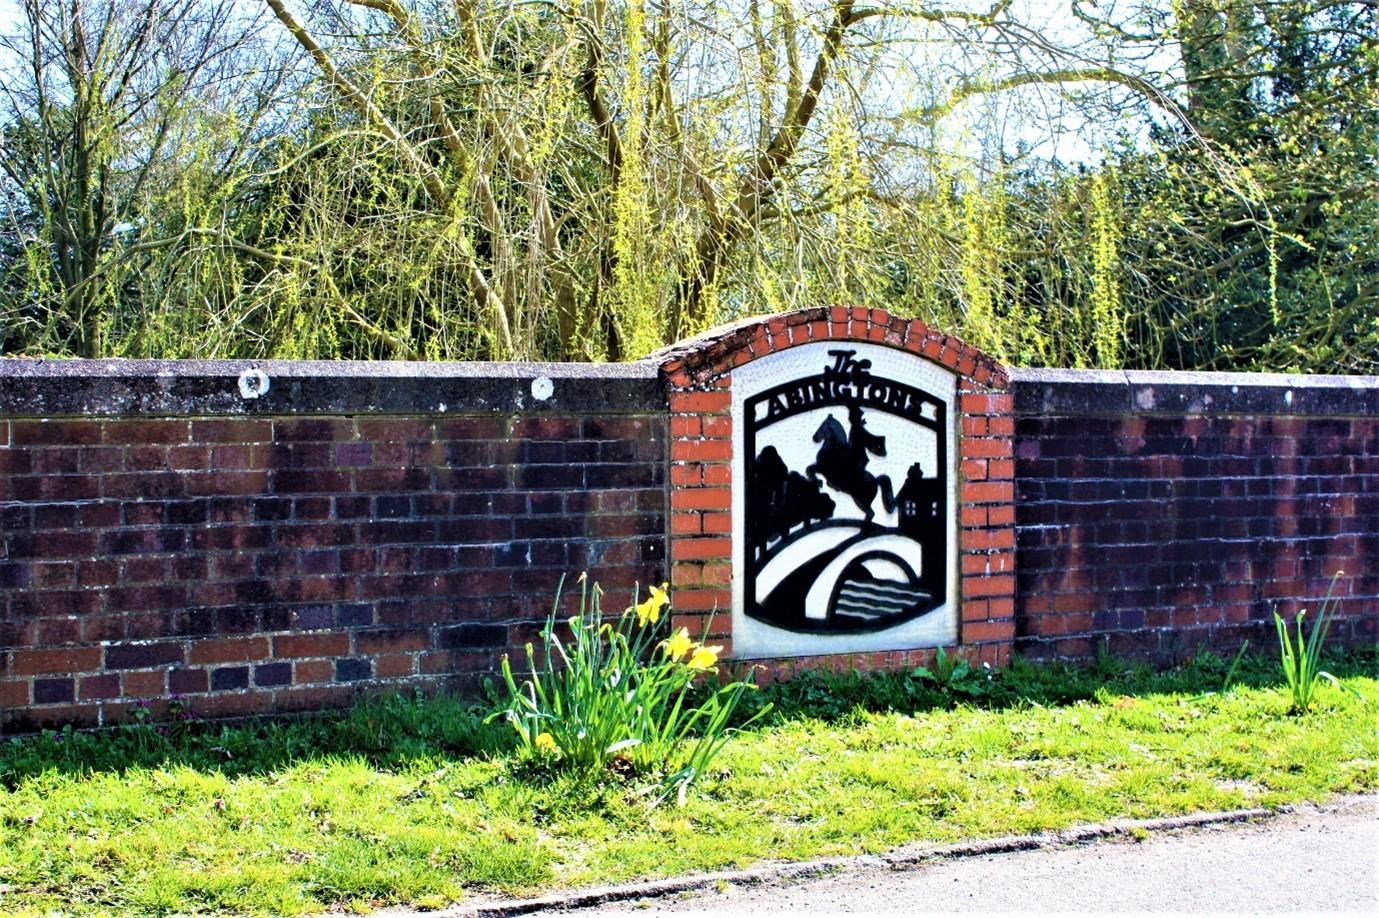 Area Guide for Abington